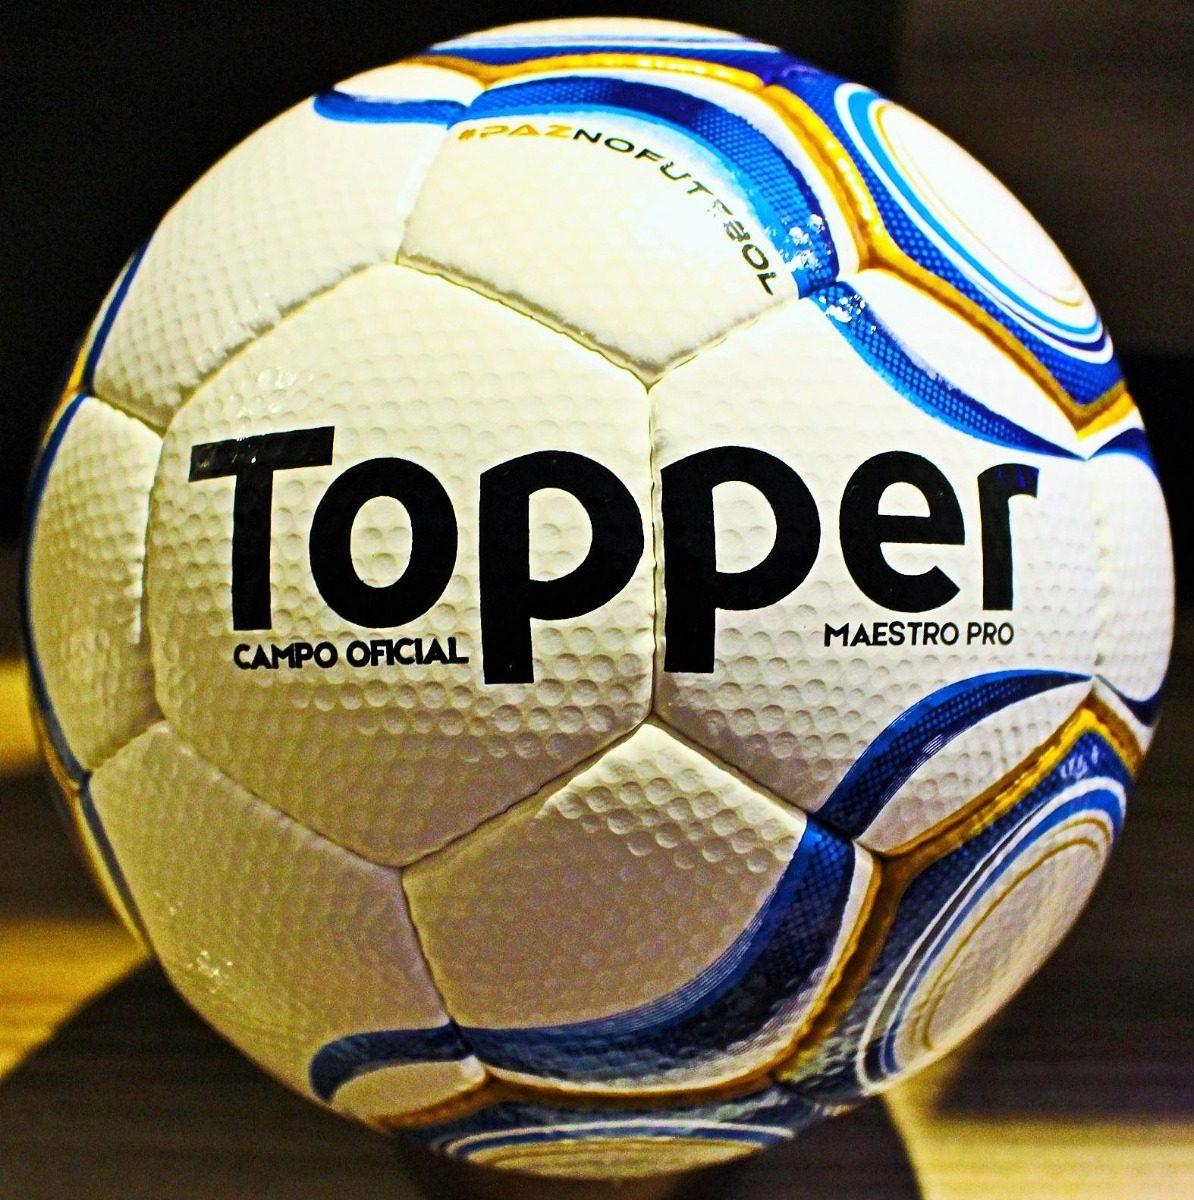 2609d6d6084ad Bola Topper Maestro Pro Brasileirão 2018 Série B Original - R  289 ...